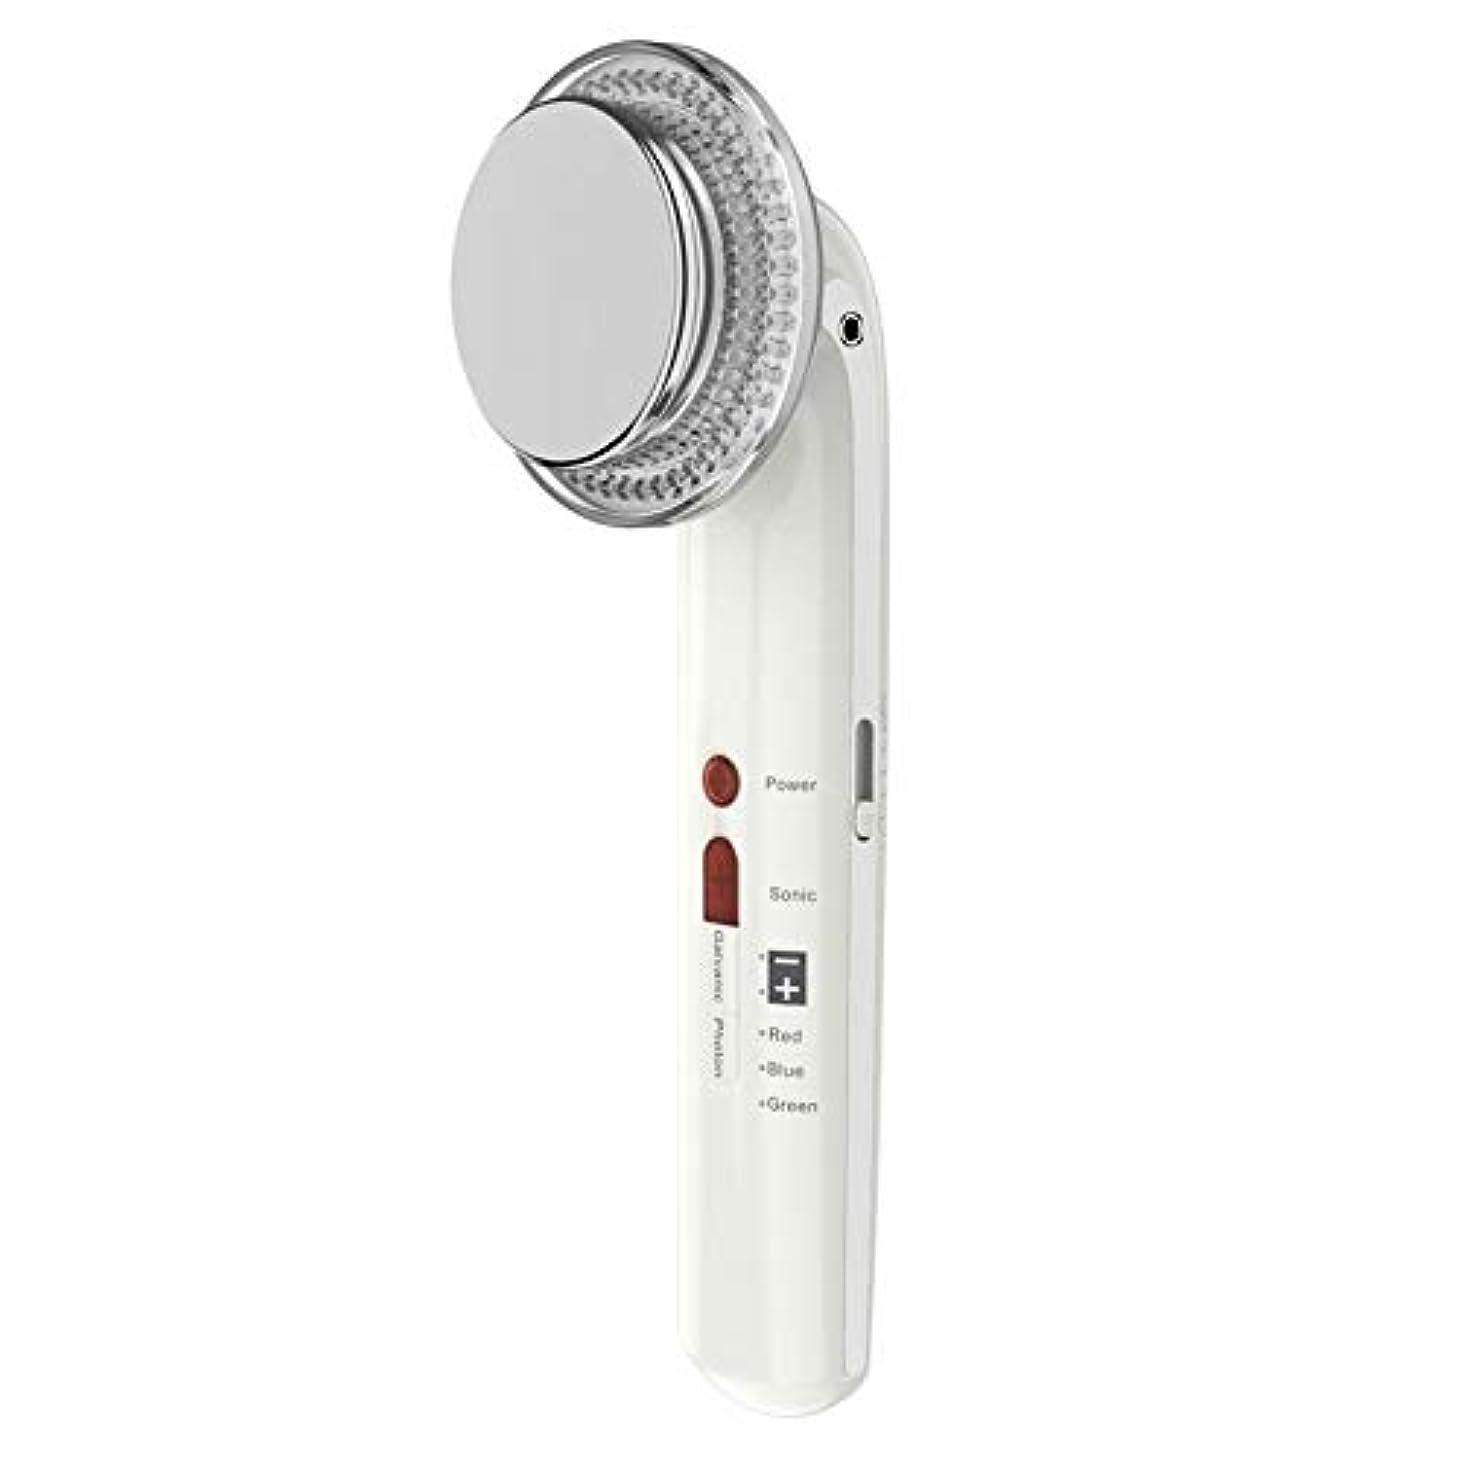 カバレッジ懲らしめ脅迫7で1振動美容機器ems超音波ボディフェイシャル痩身ツールled光子療法フェイスマッサージャー用ボディシェーピングフェイシャルスキンケア (Color : White)